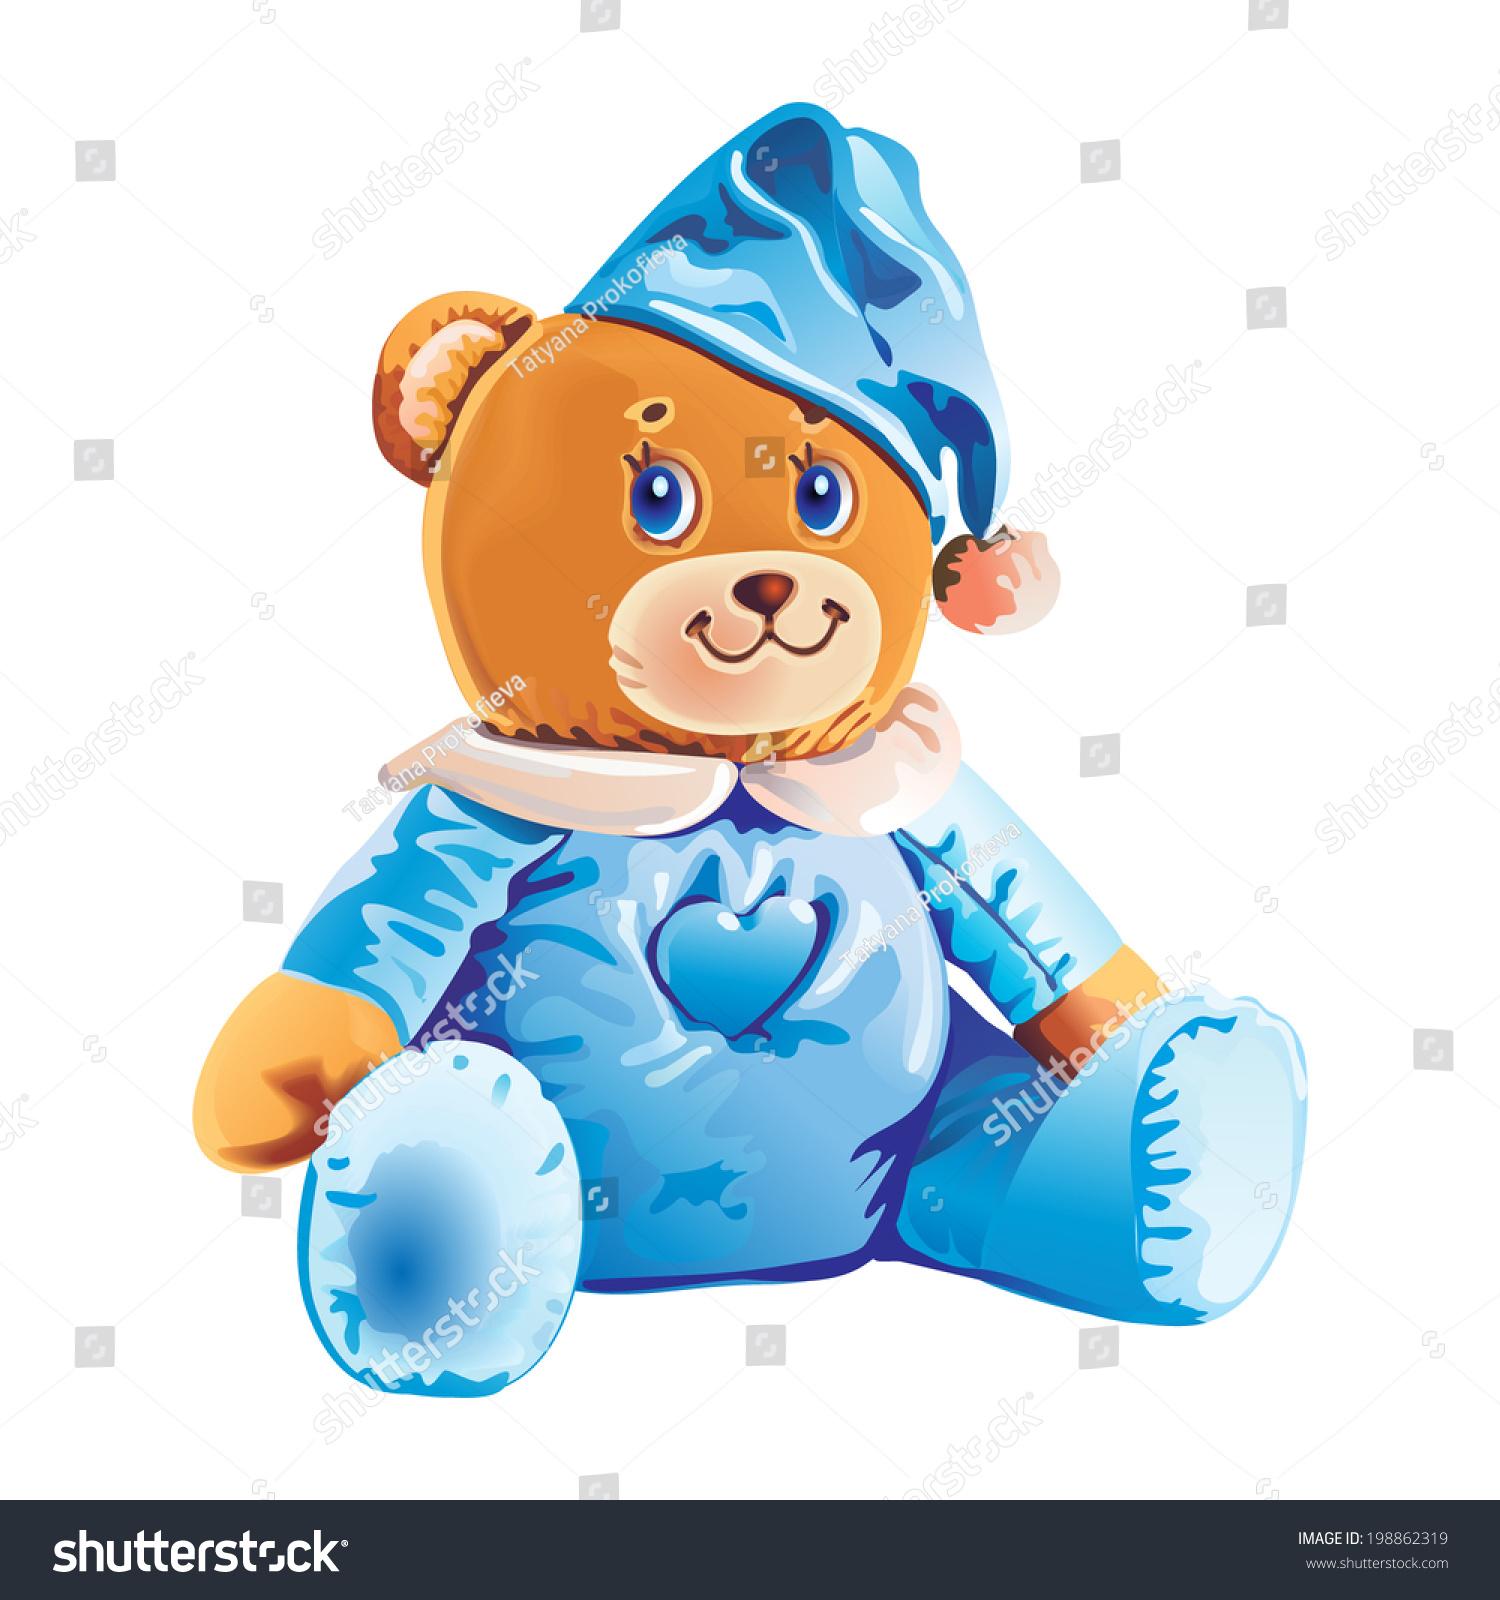 1500x1600 Teddy Clipart Children'S